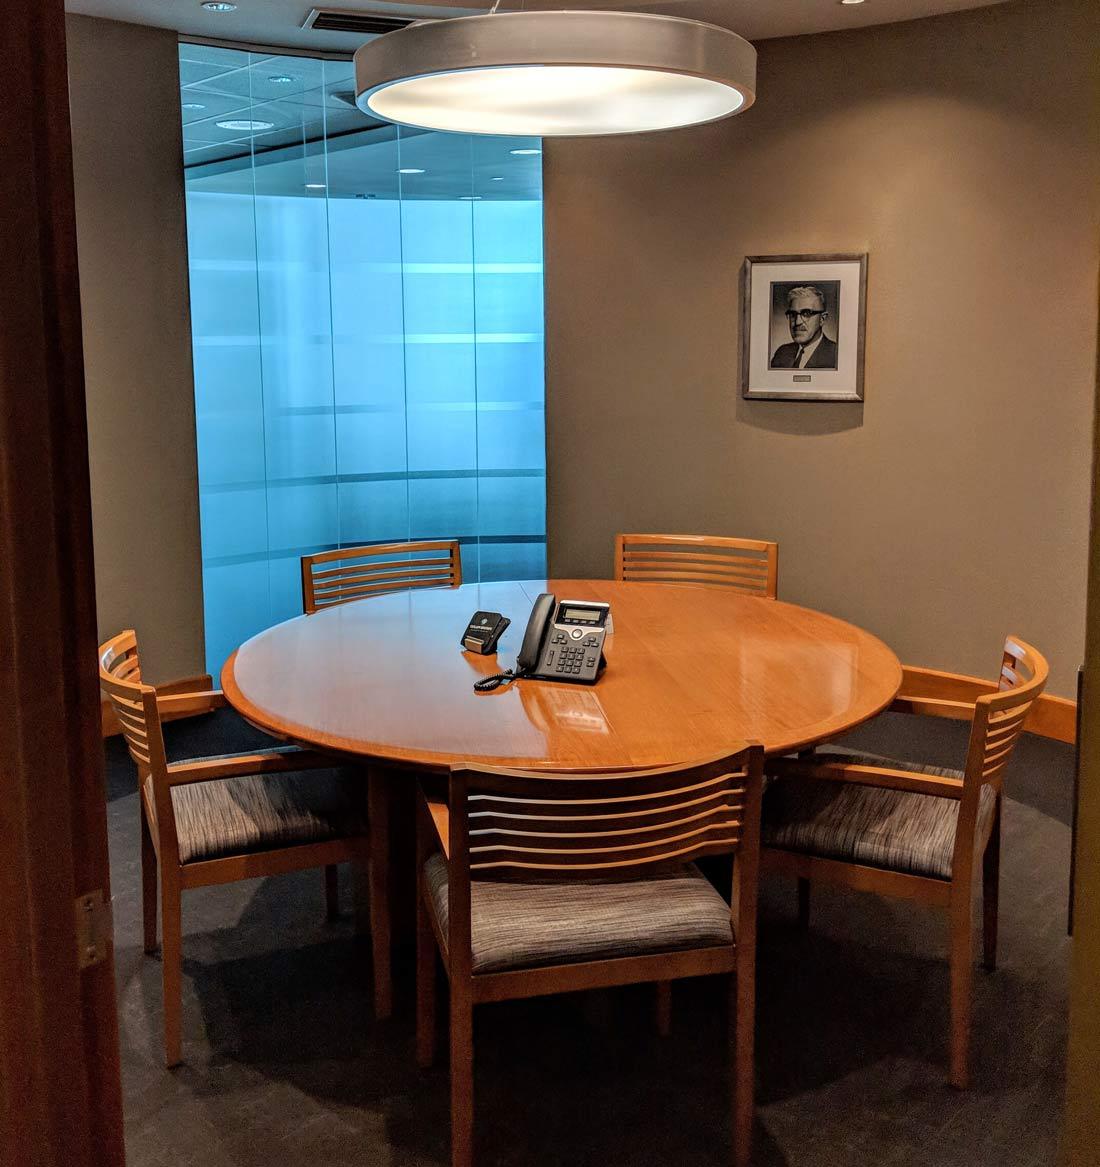 Odlum Brown - Meeting Room